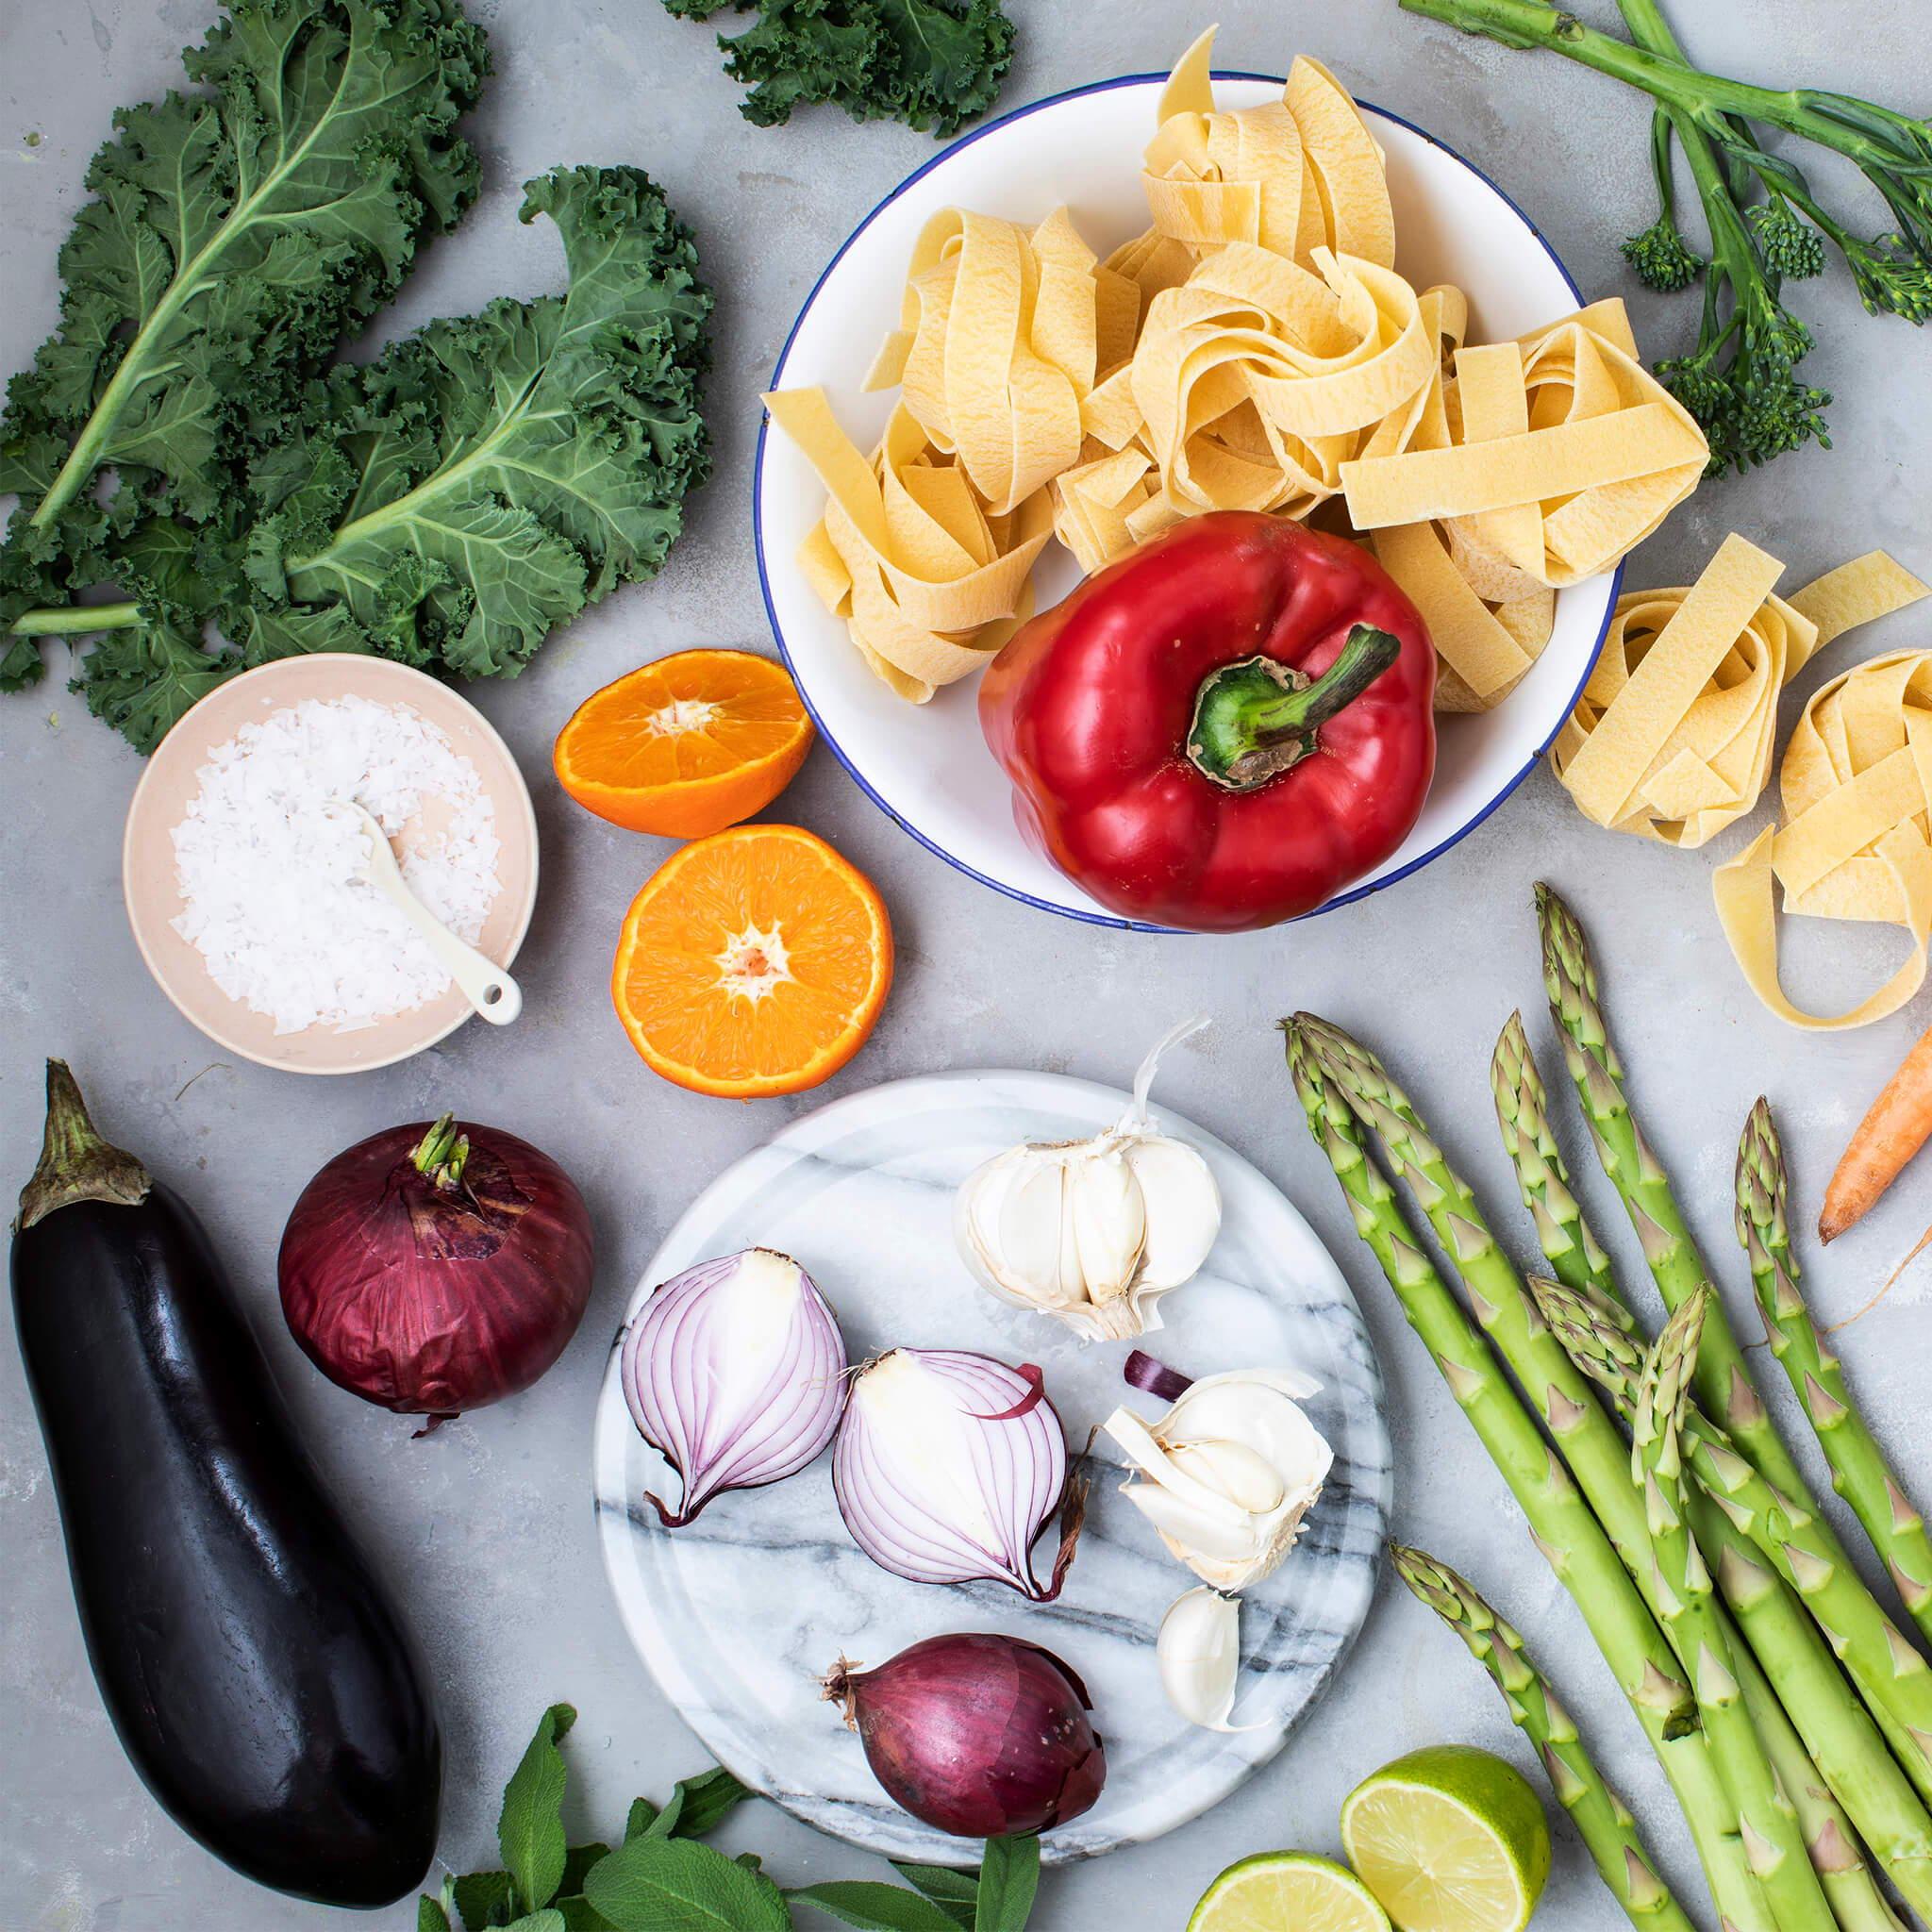 Tuoreita, laadukkaita raaka-aineita ja vastuullista ruokaa